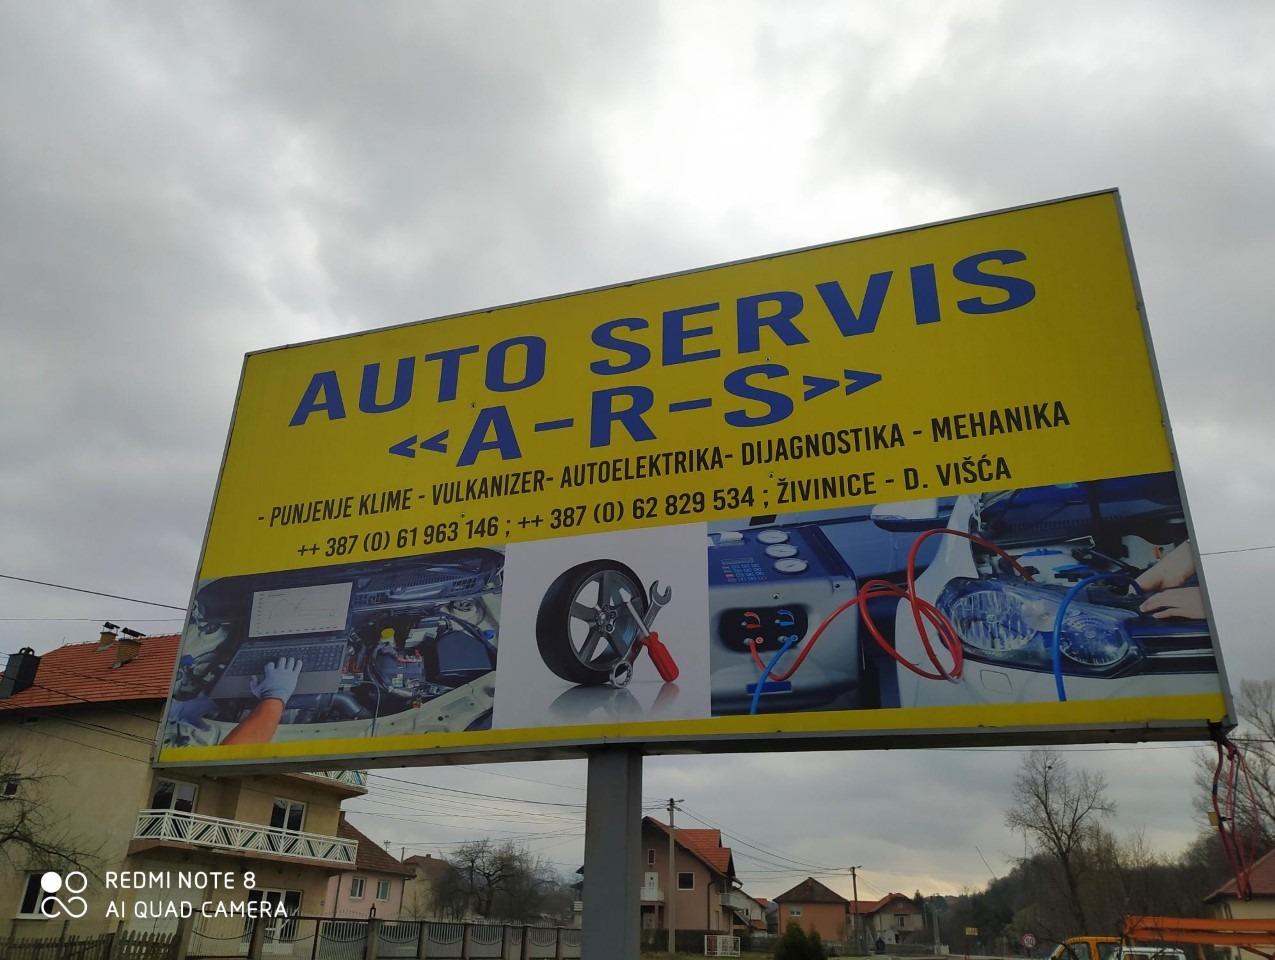 A-R-S AUTOSERVIS photo-0